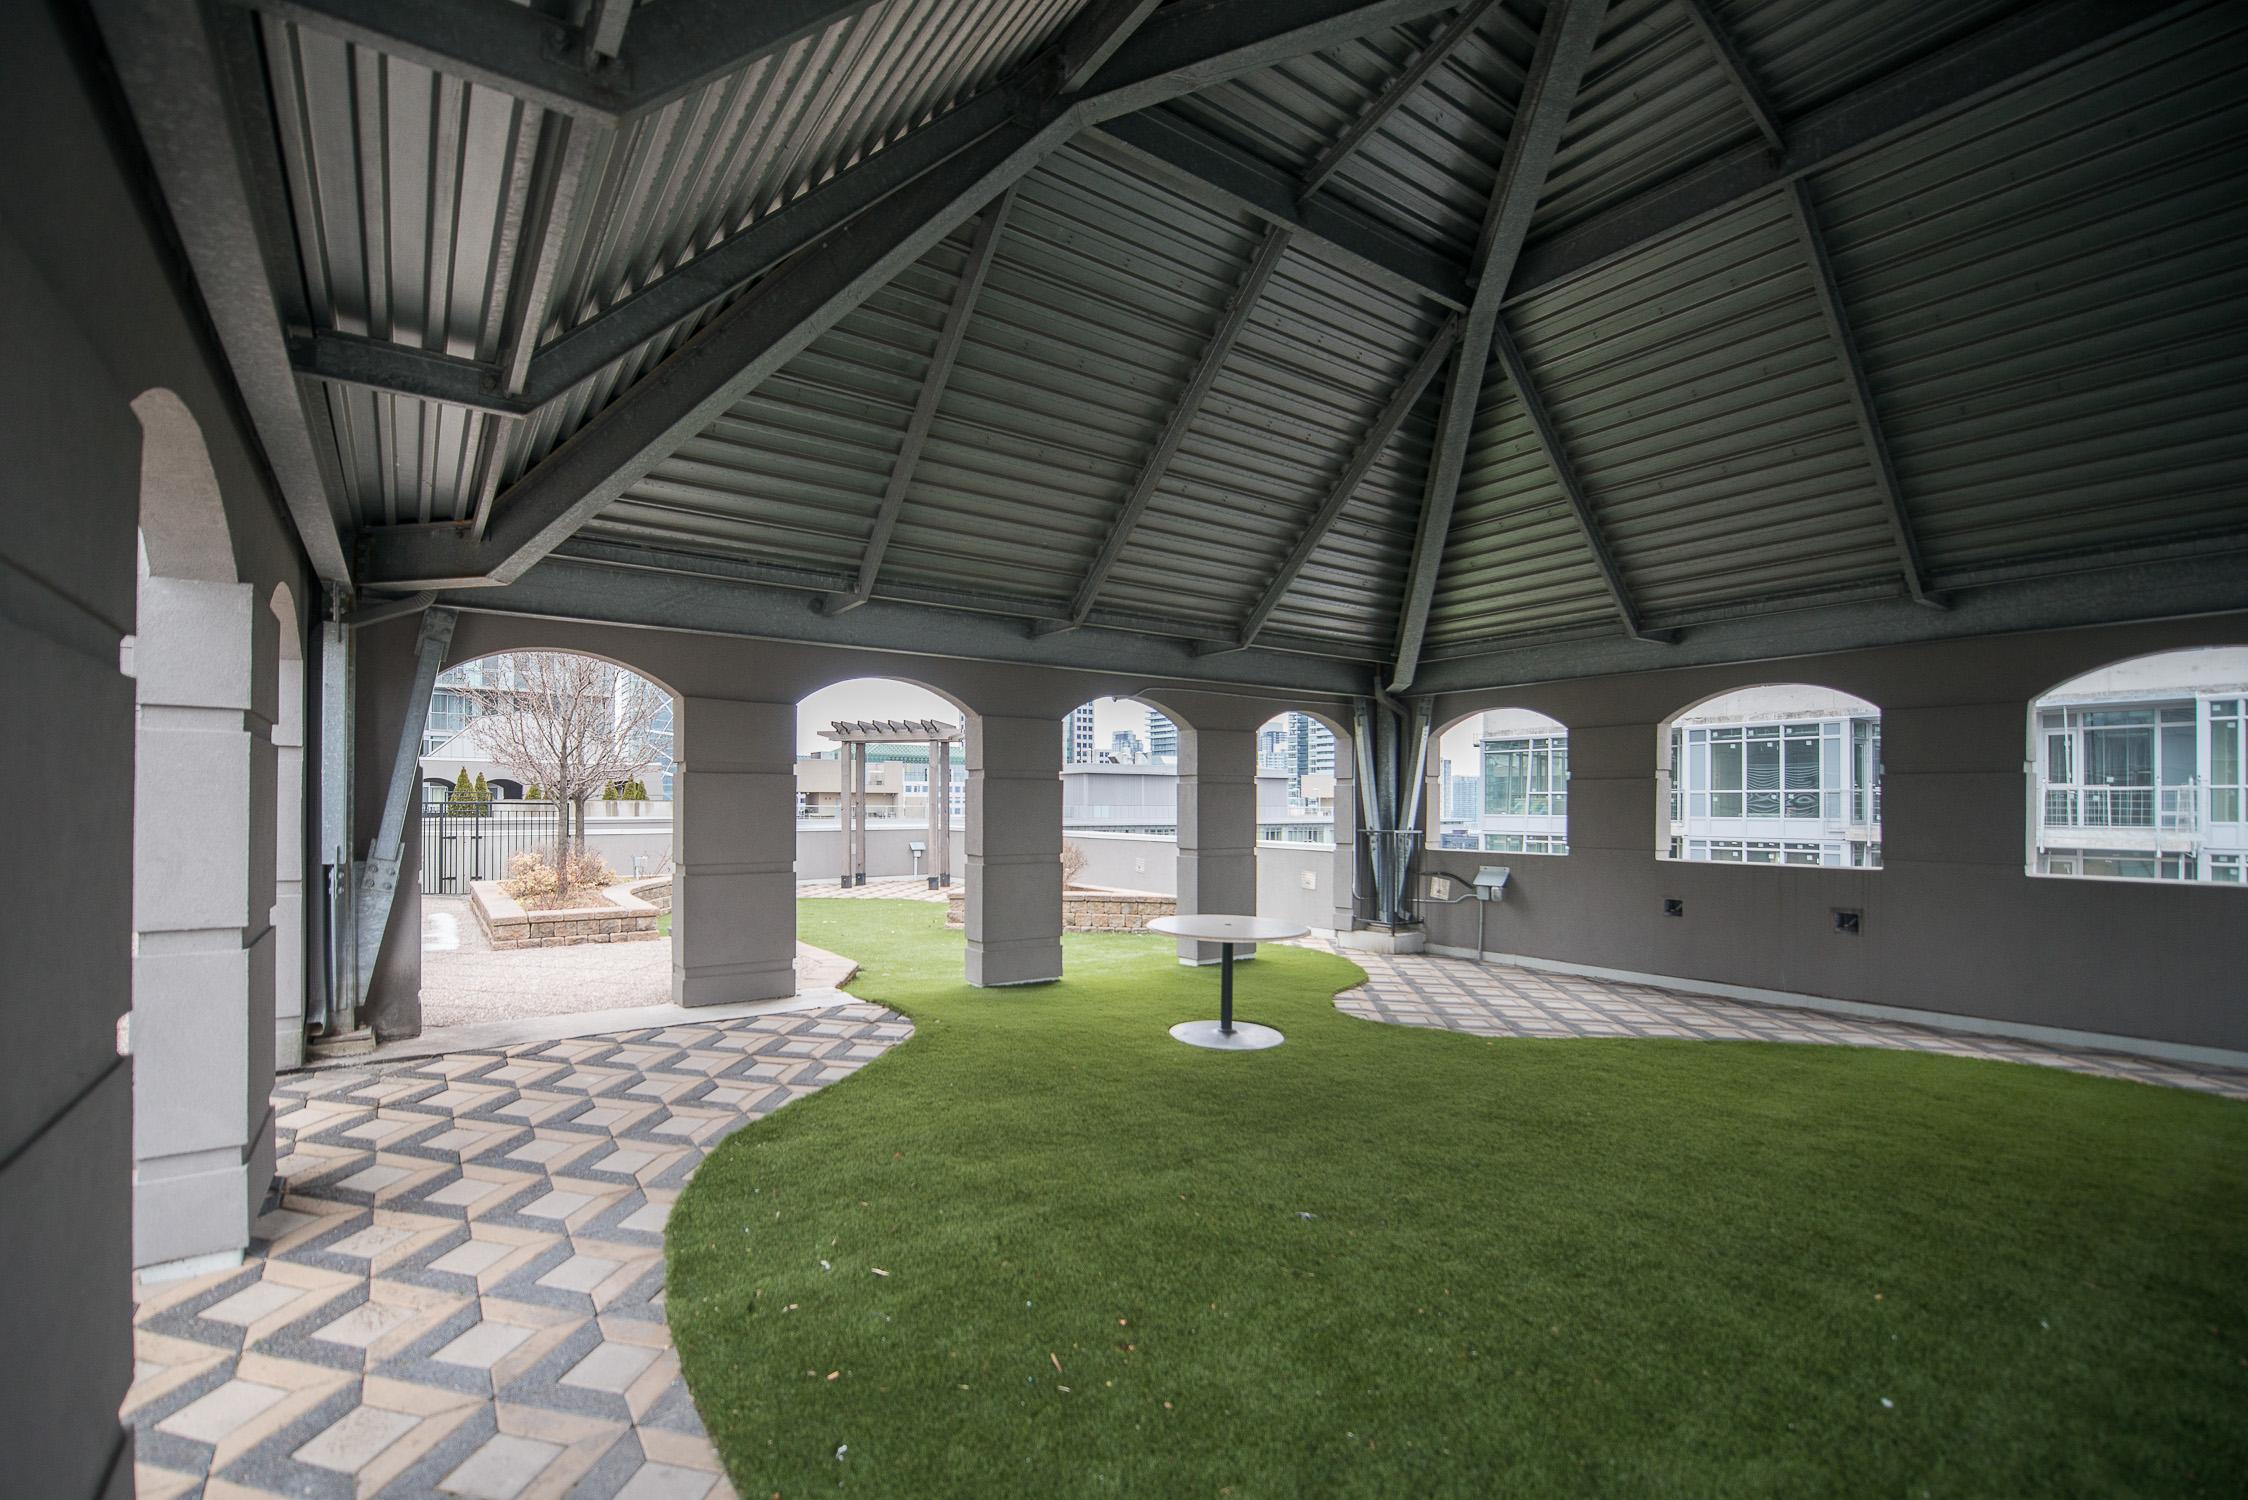 furnished apartments toronto university plaza gazebo